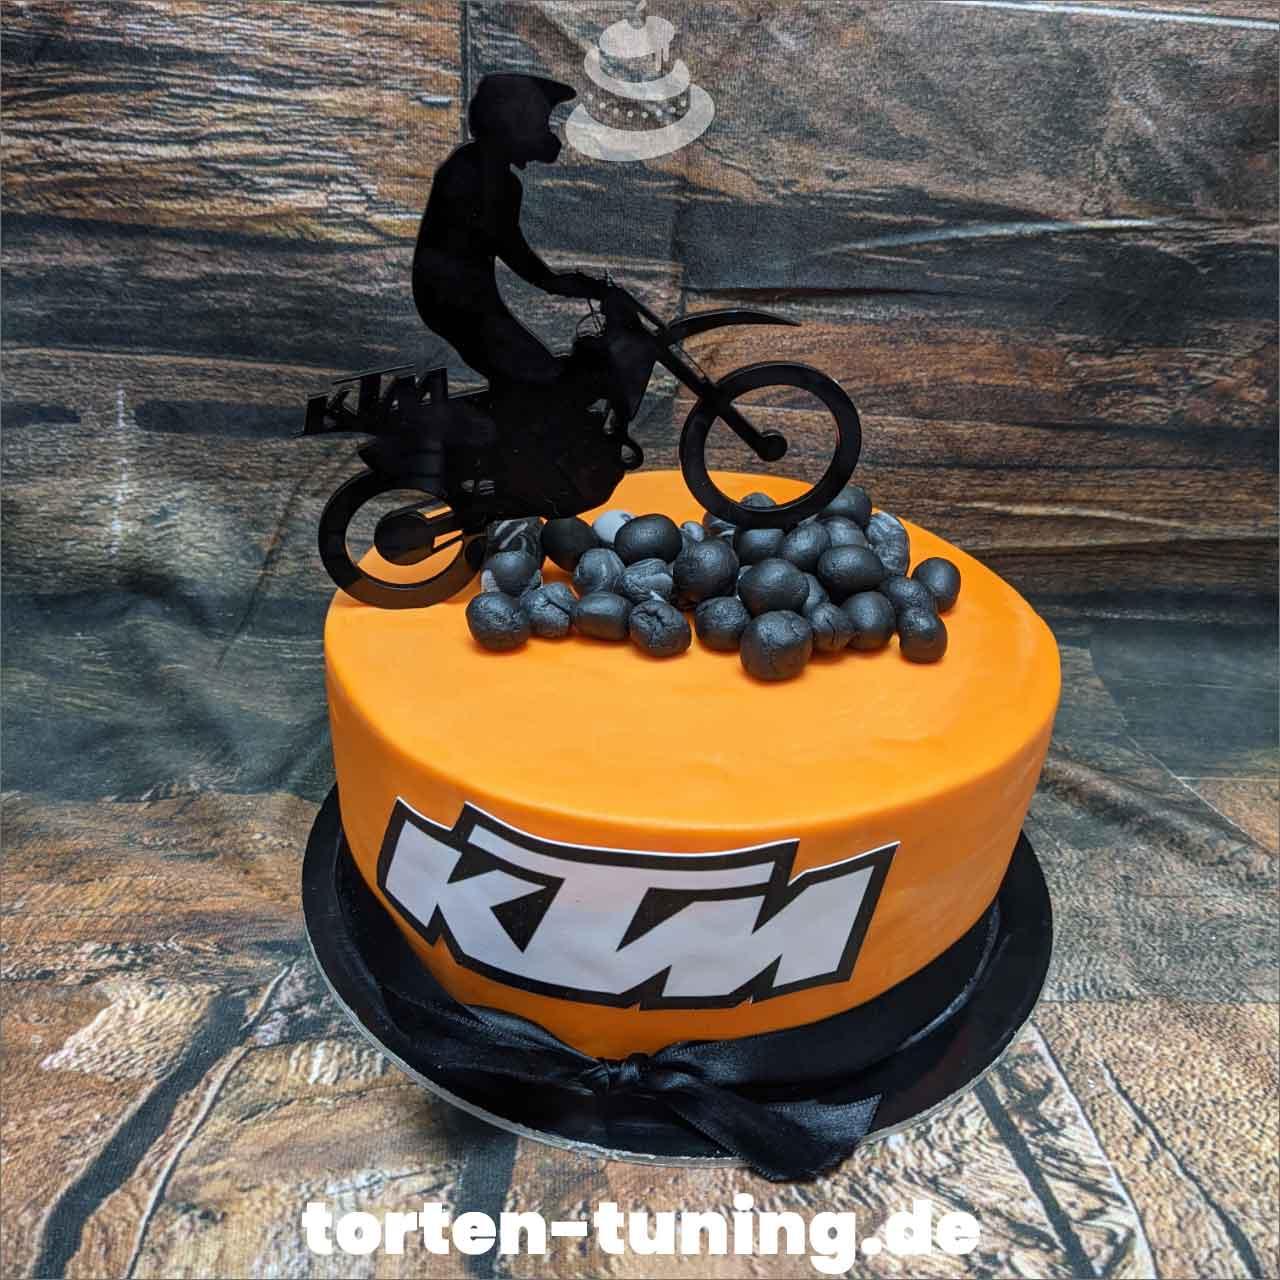 KTM Dripcake Obsttorte Geburtstagstorte Motivtorte Torte Tortendekoration Torte online bestellen Suhl Thüringen Torten Tuning Sahnetorte Tortenfiguren Cake Topper